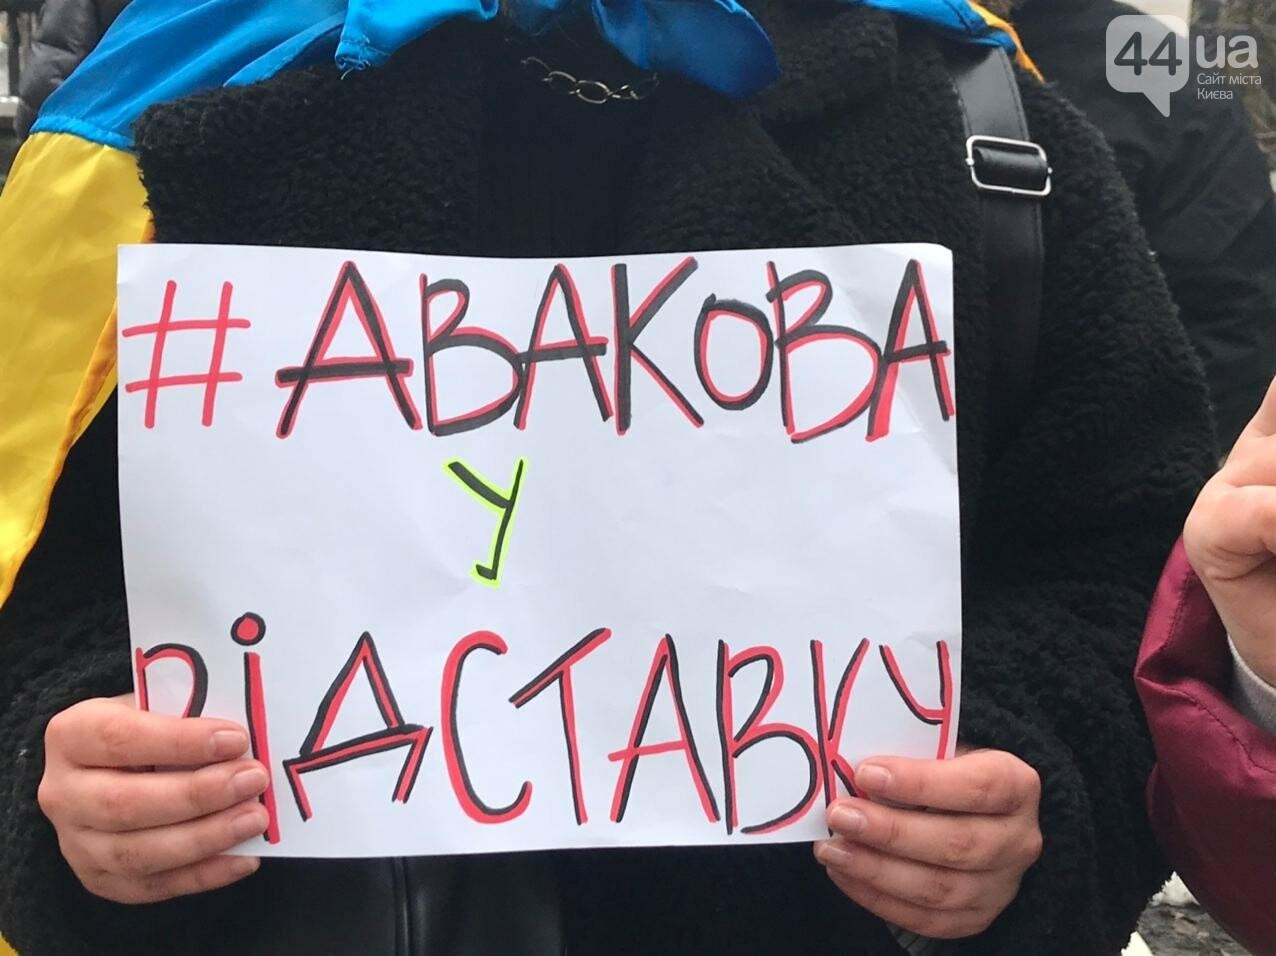 Перекрытые улицы и люди в форме: в Киеве готовятся к новым протестам из-за суда над Стерненко, фото-1